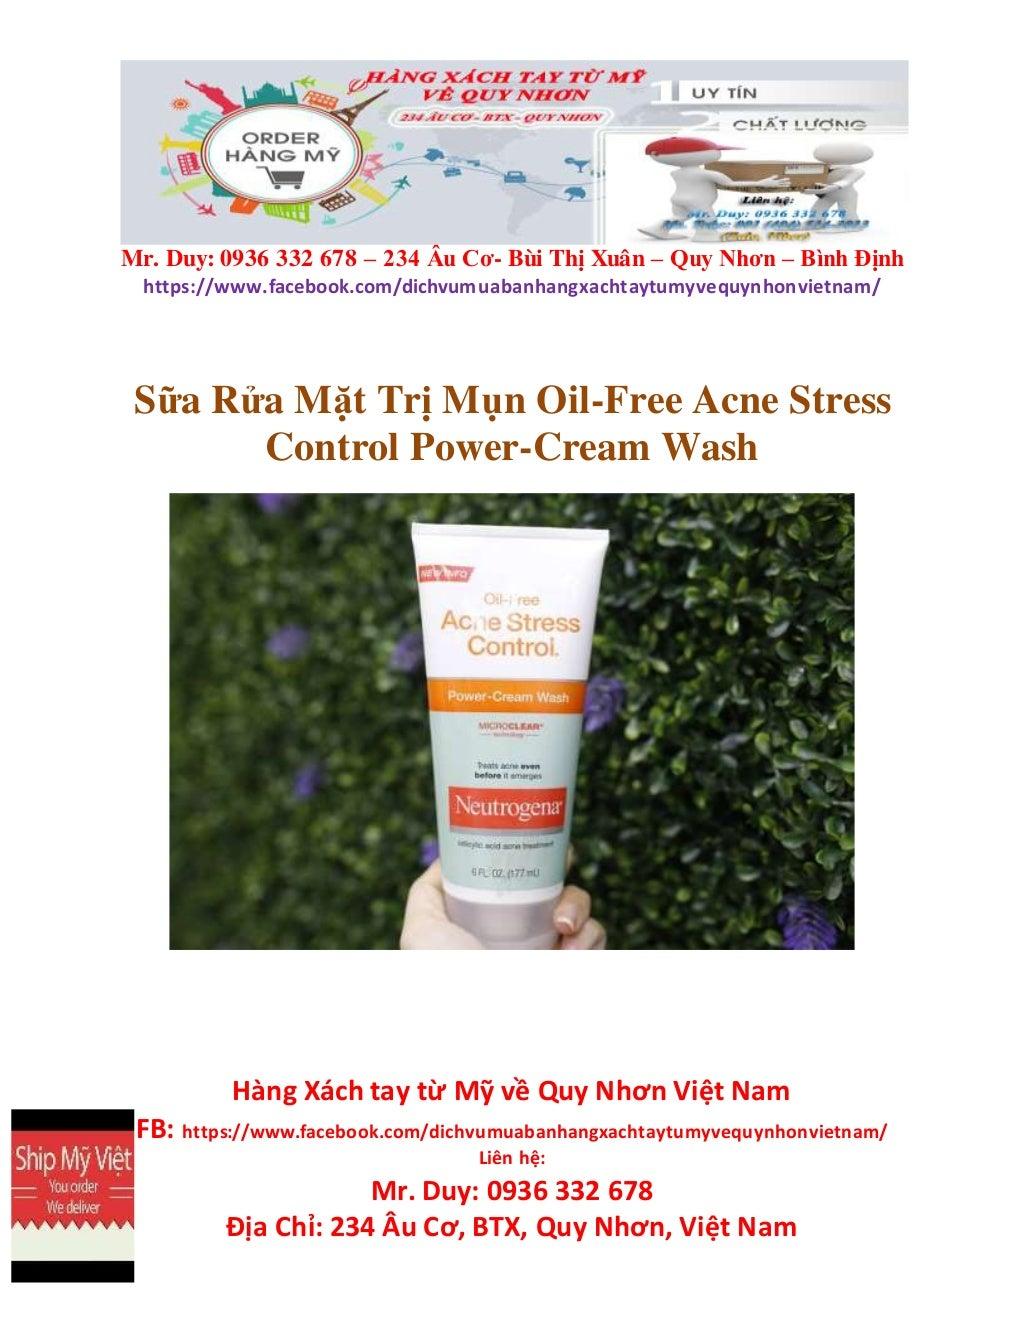 Tìm chỗ order thực phẩm chức năng xách tay về Quy Nhơn giá rẻ nhất - Magazine cover